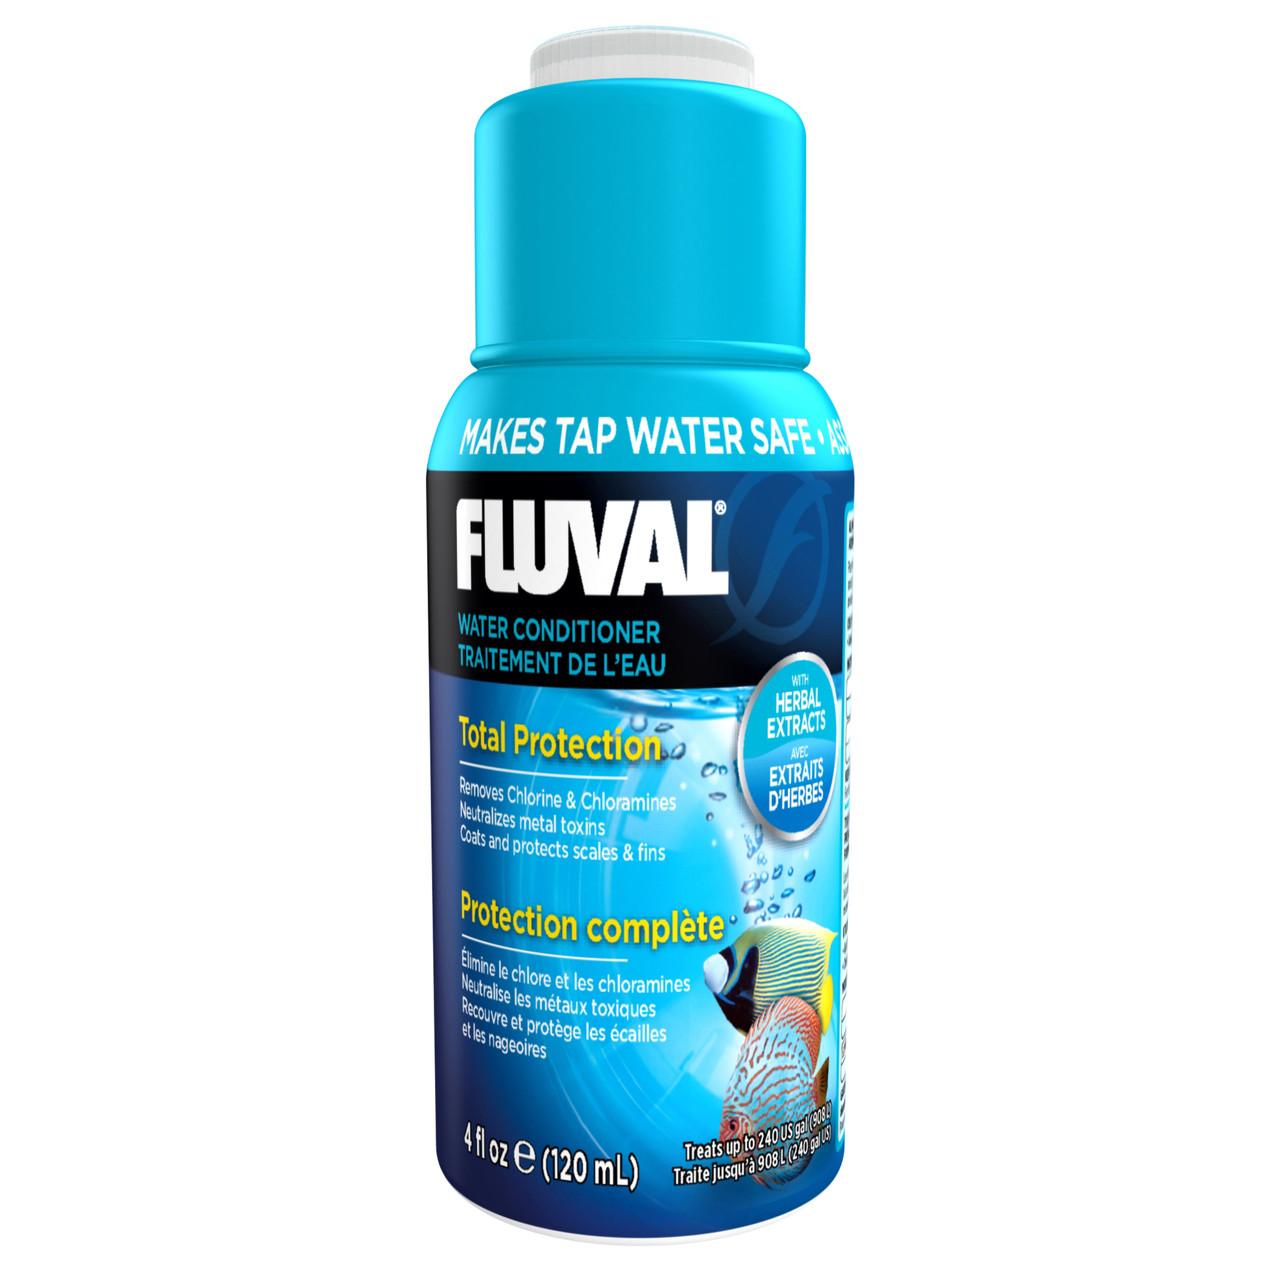 Fluval Aqua Plus Tropical Fish Aquarium Water Conditioner